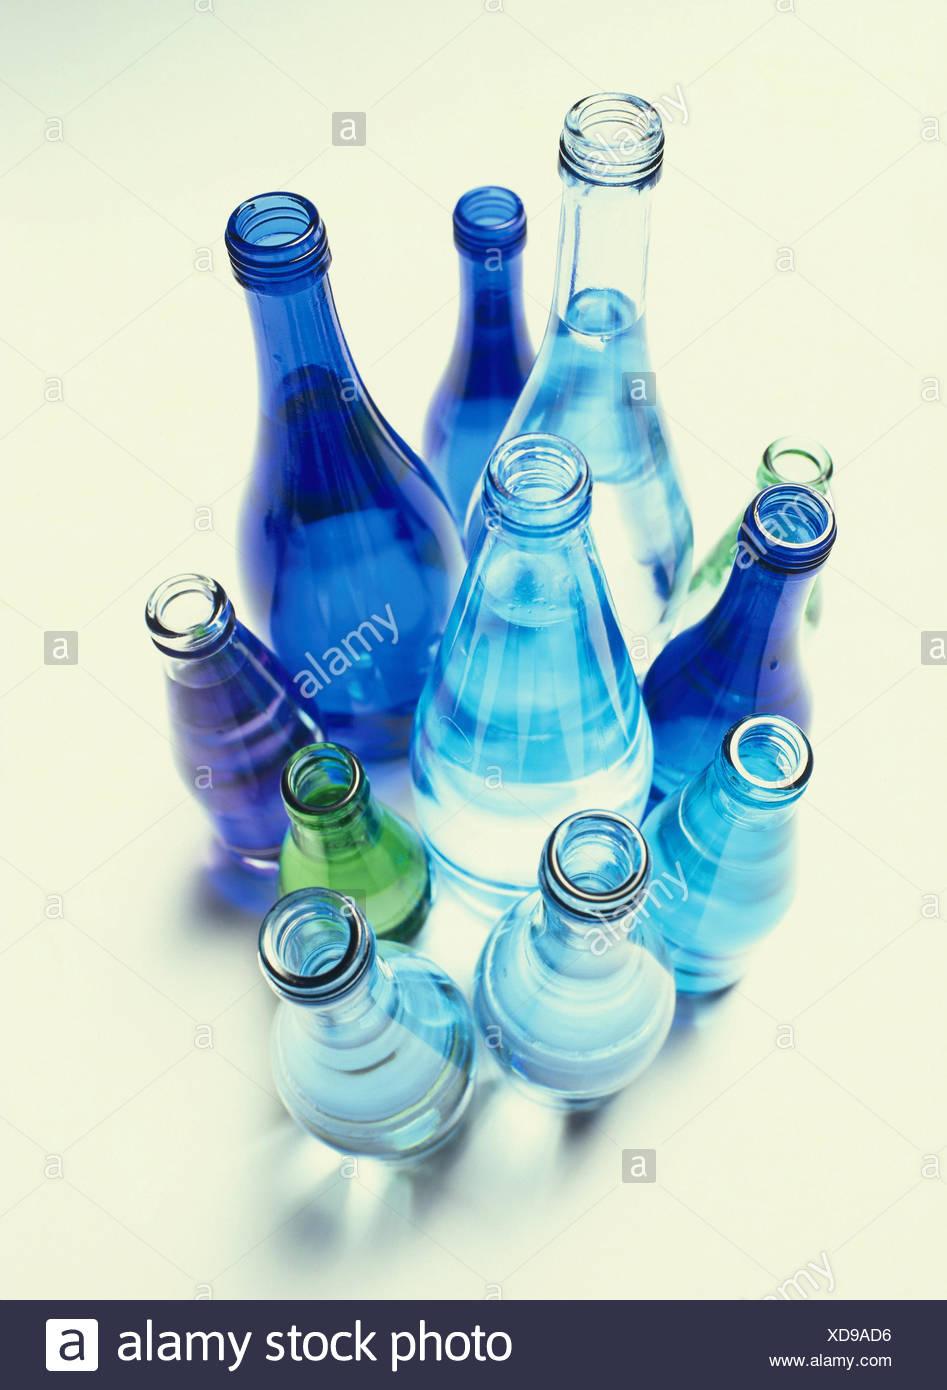 aee17203e5 Bouteilles en verre, est décédé, blanc, bleu, vert bouteille d'eau,  bouteilles d'eau, bouteille de verre, de la taille, d'une manière  différente, ...